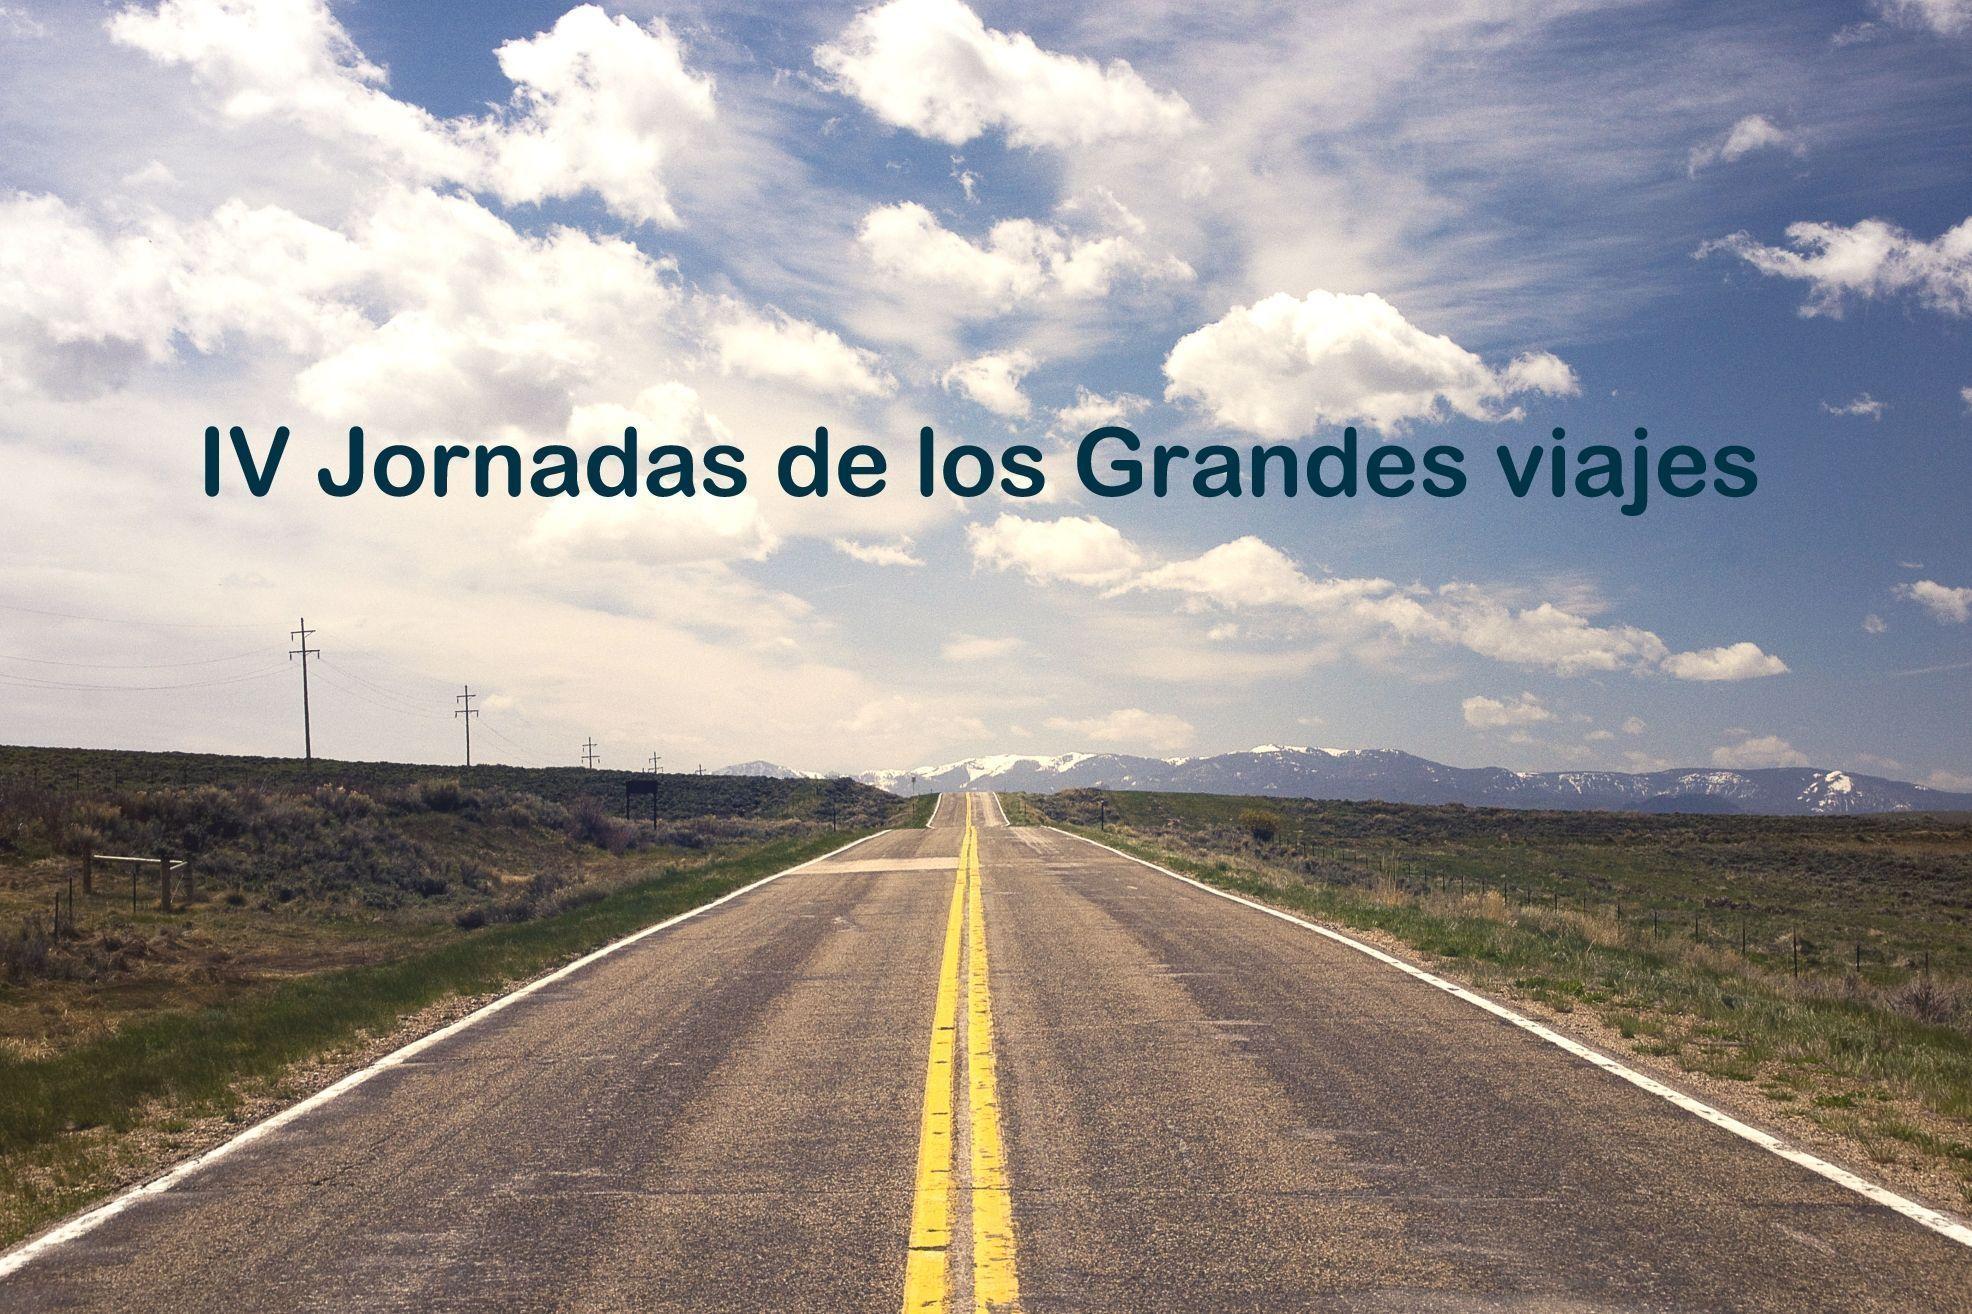 IV Jornadas de los Grandes Viajes